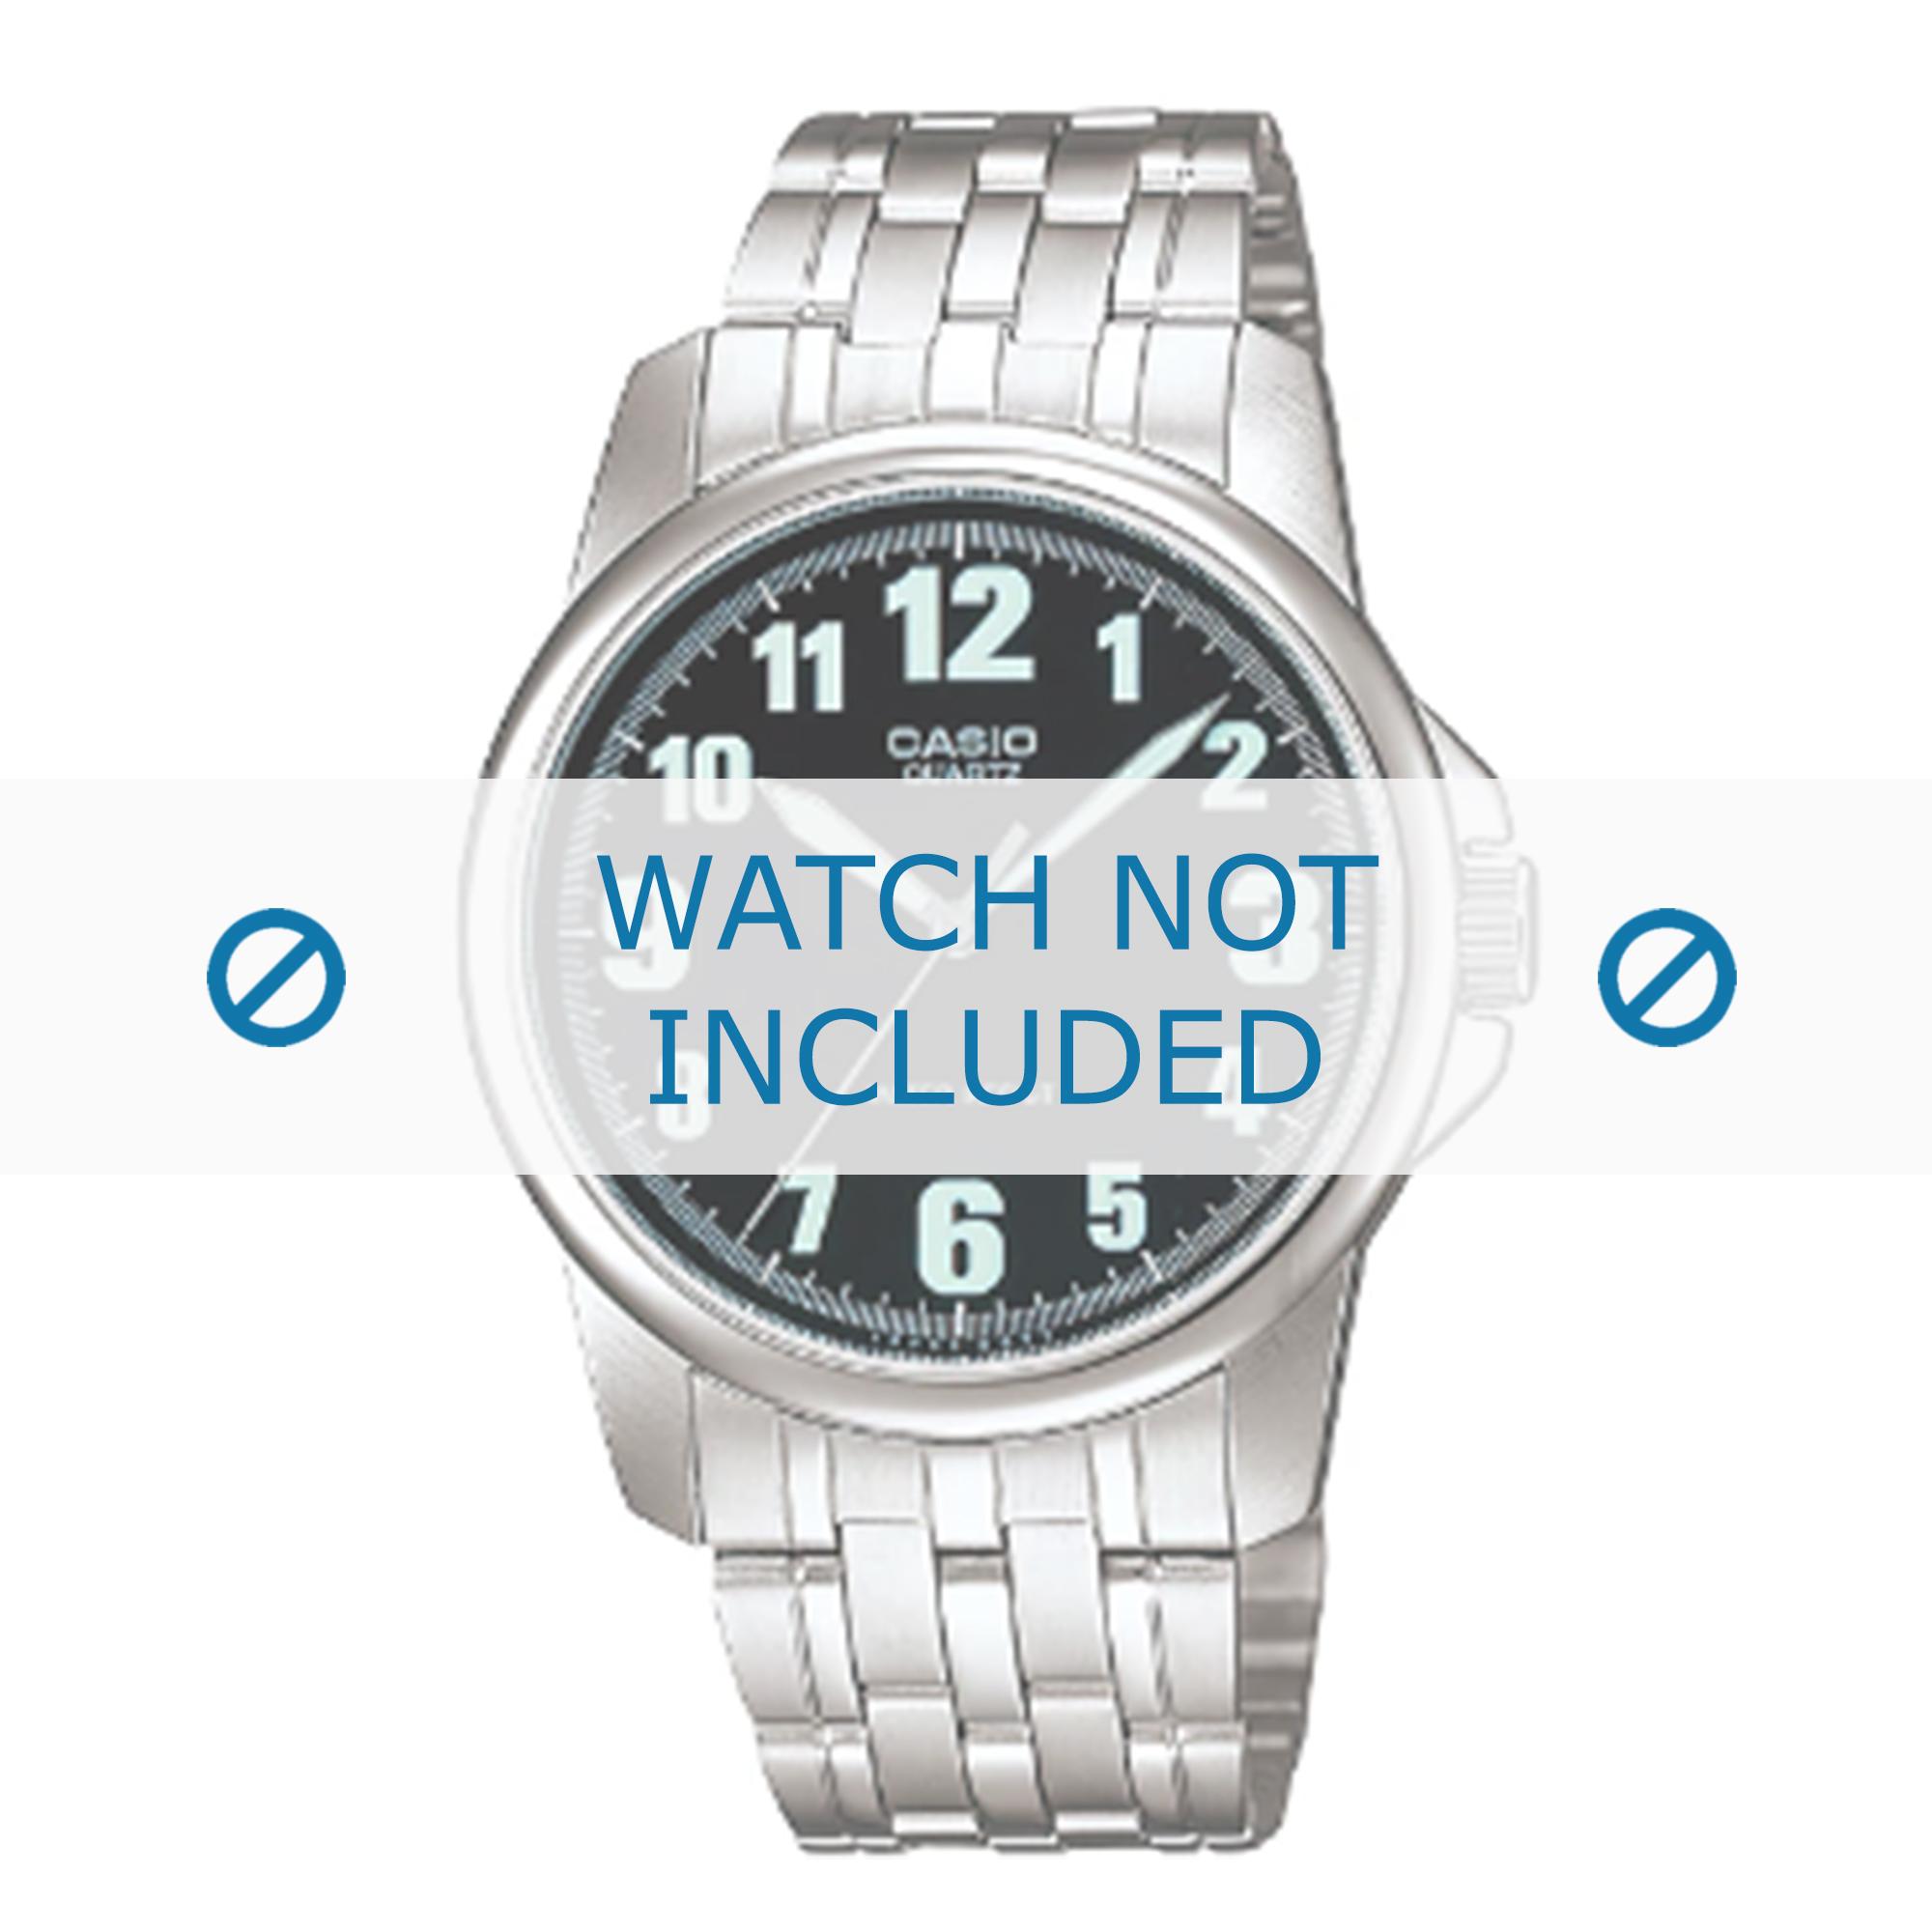 Casio horlogeband MTP-1216 / 10142092 Staal Zilver